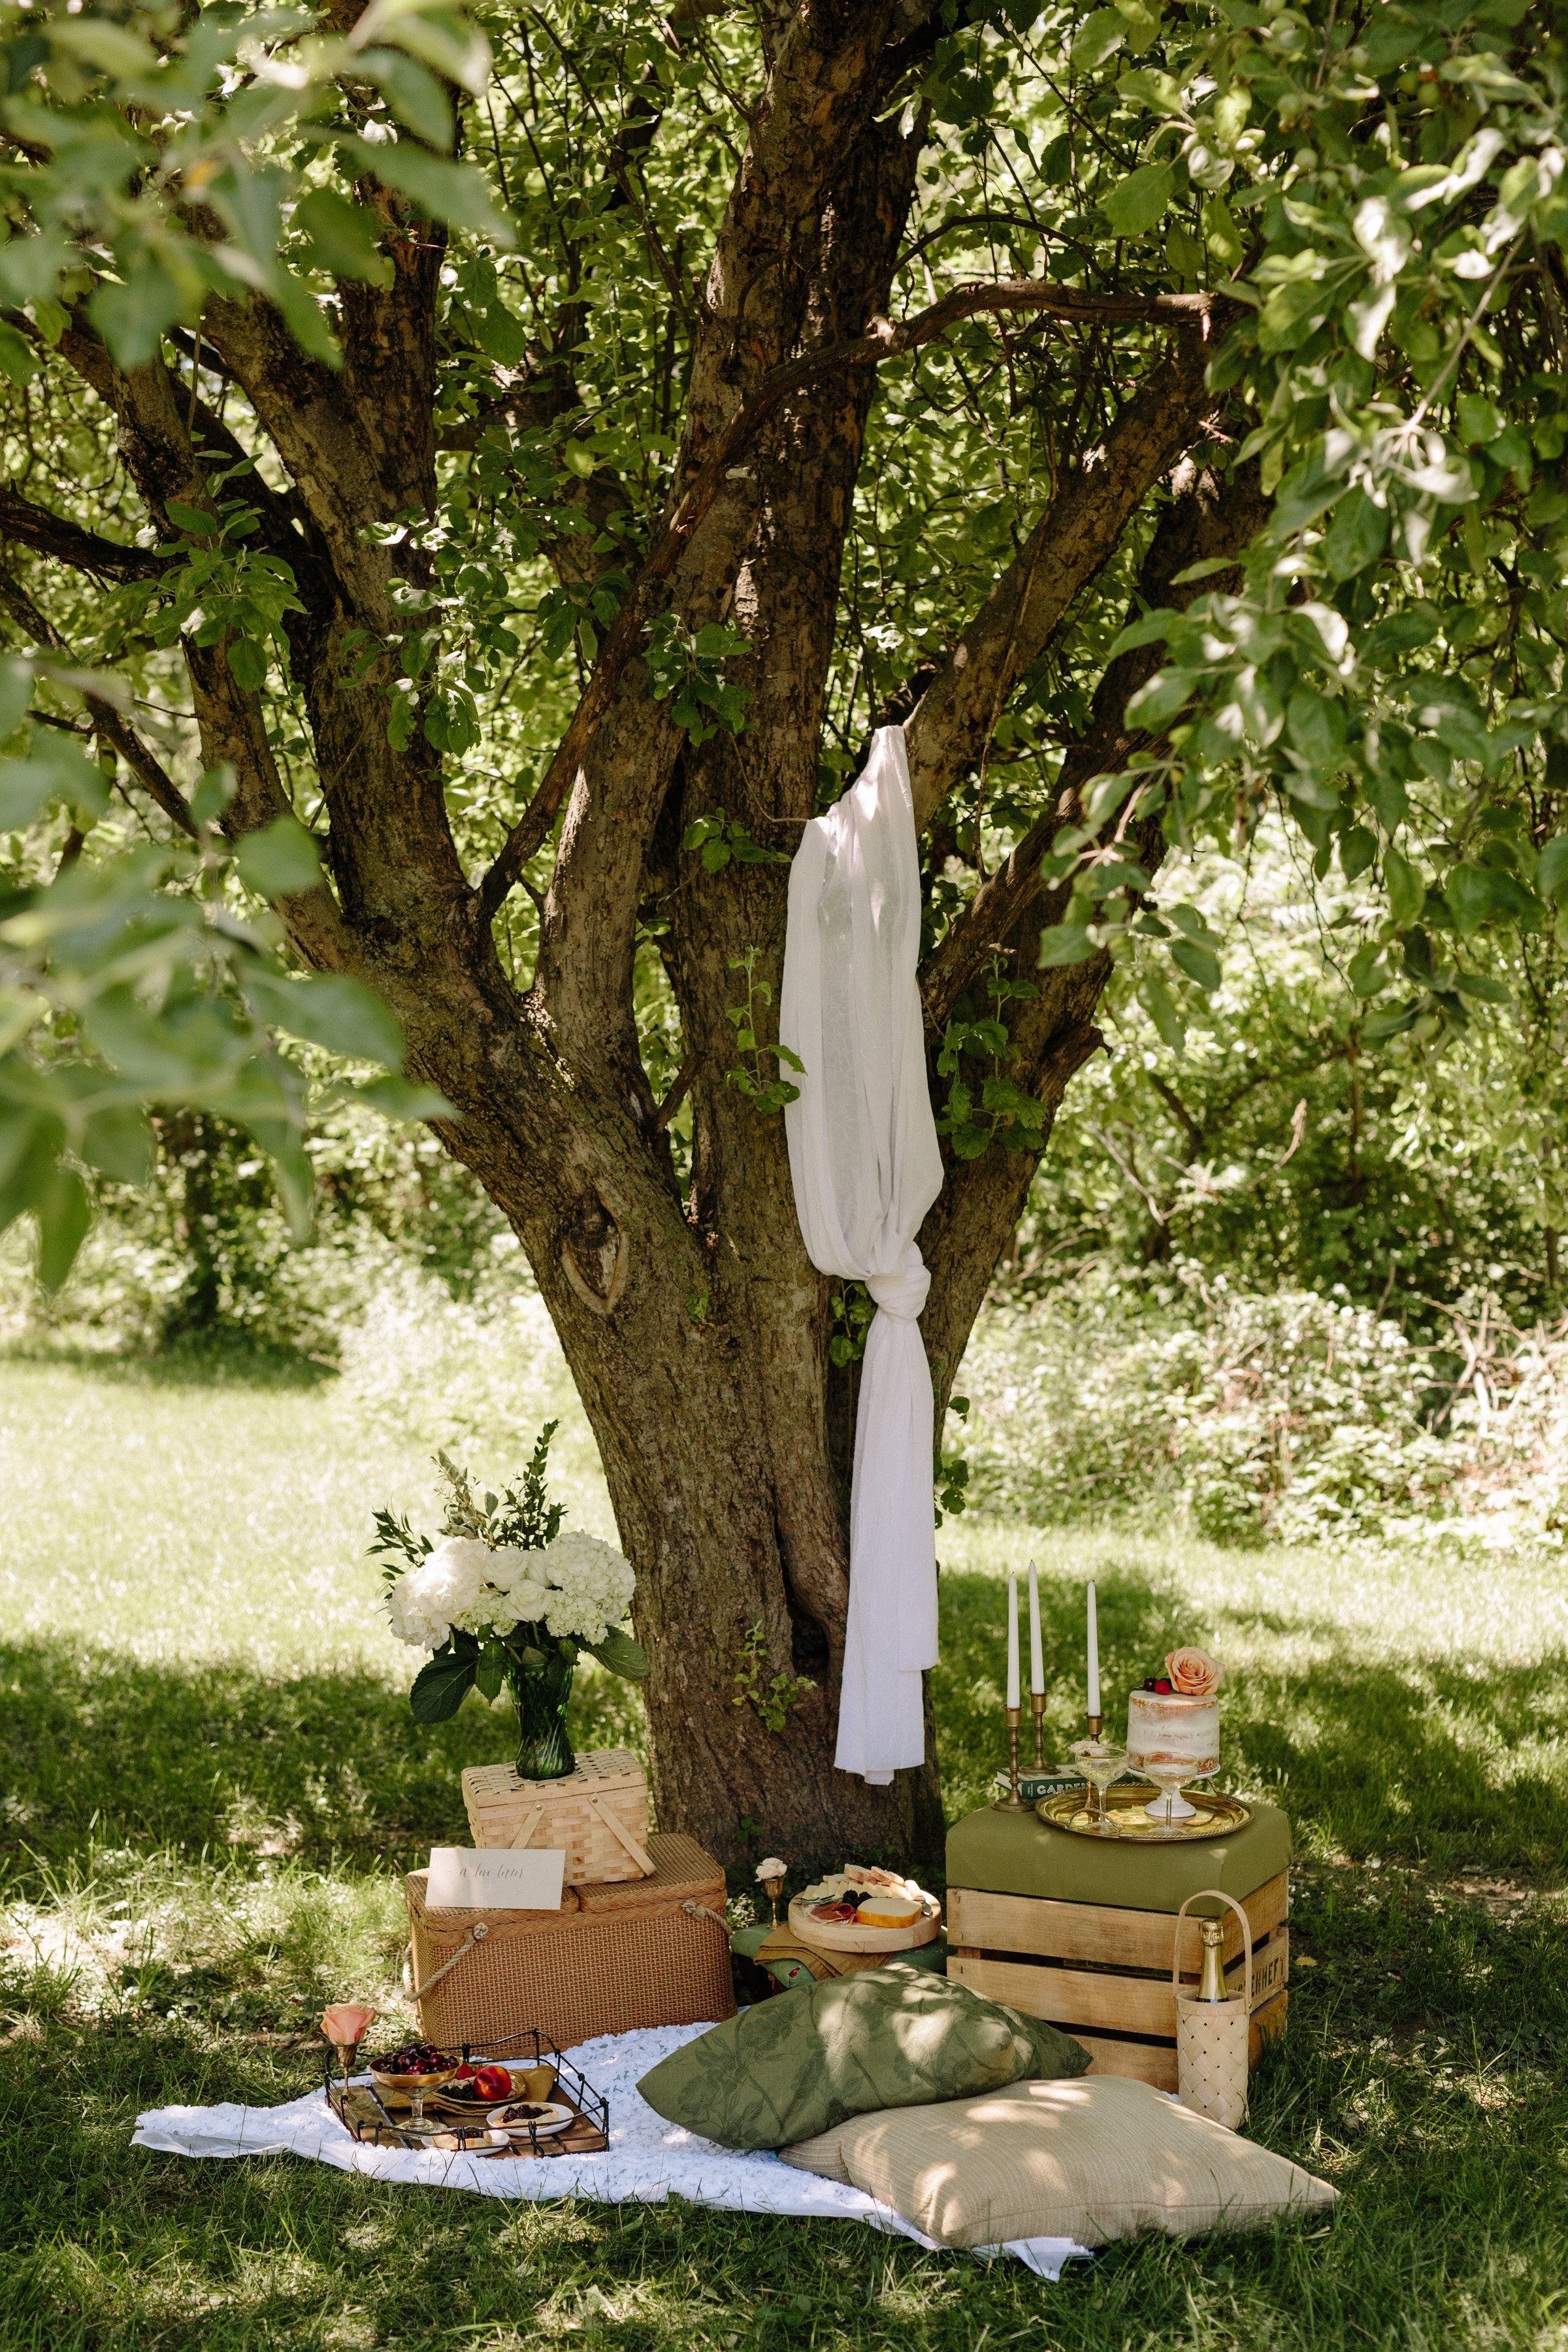 styled intimate picnic u2013 engagement picnic u2013 proposal picnic